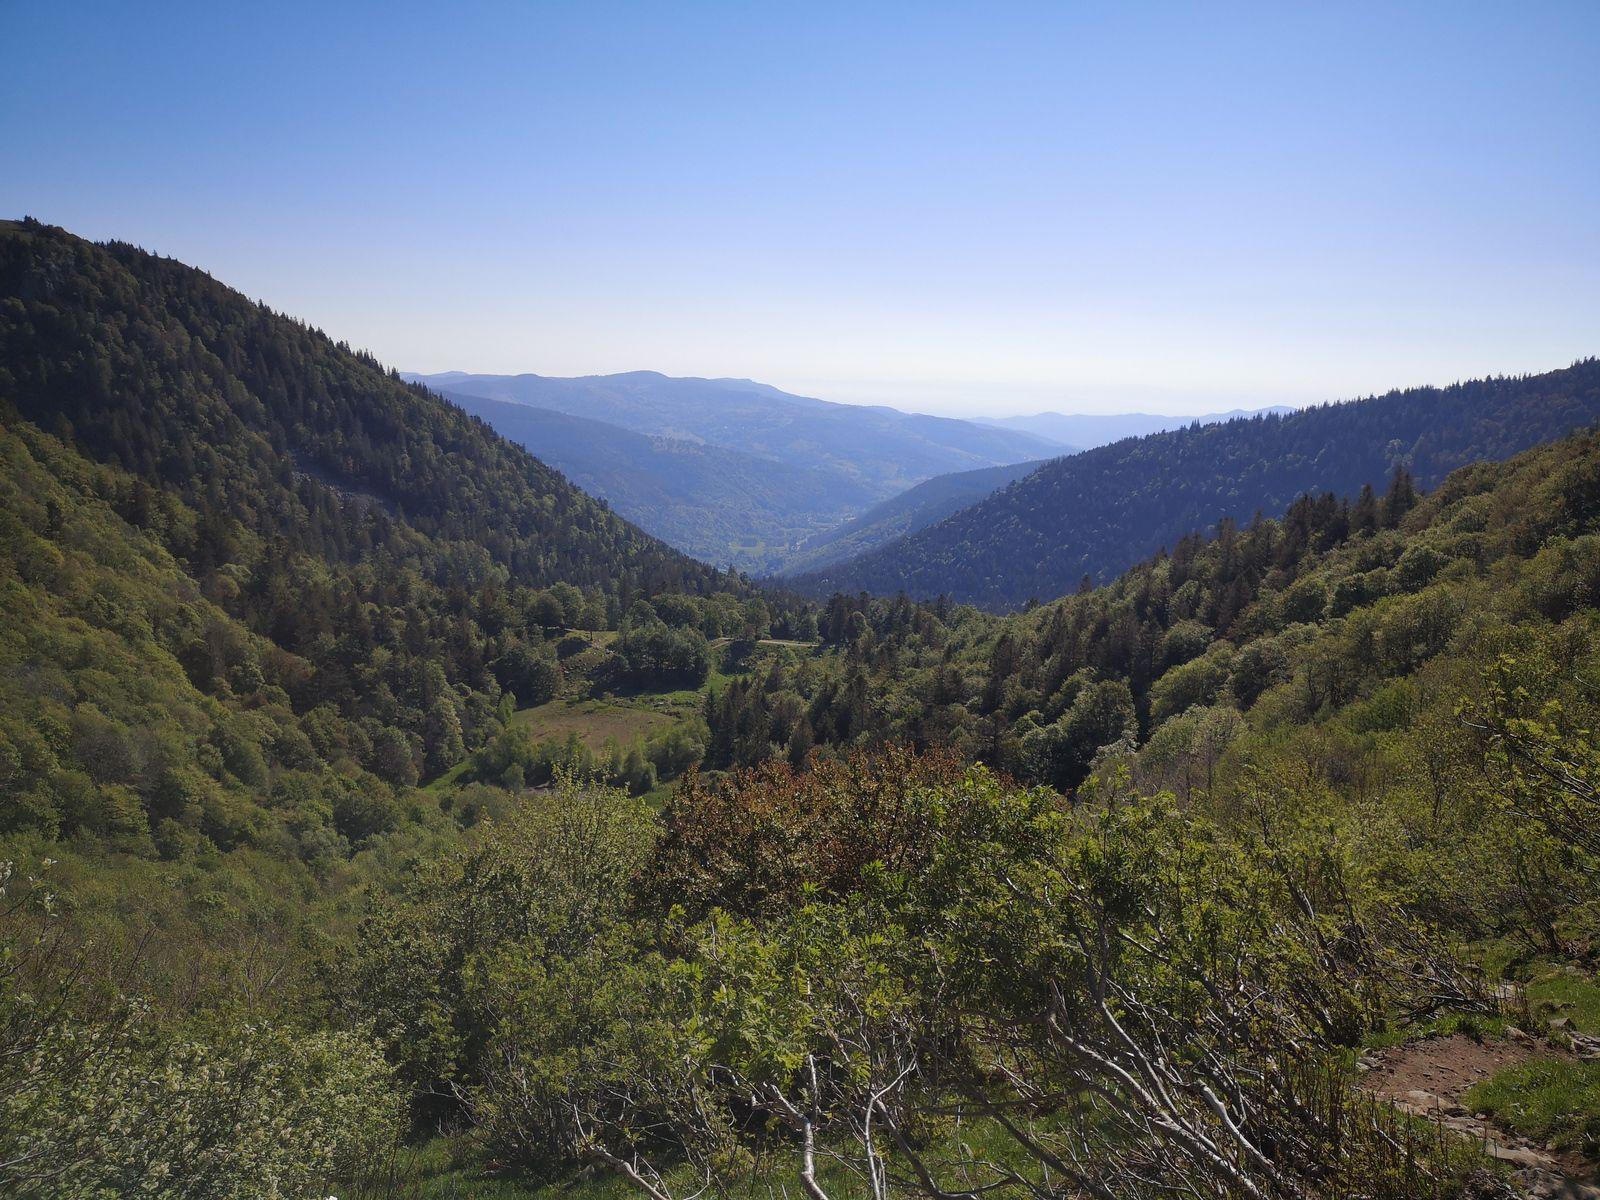 A mi hauteur, derrière moi, la Petite Vallée s'ouvre à mes yeux. Ca grimpe, ça grimpe toujours et ça s'essouffle. Les deux mois de confinement auront laissé des traces.